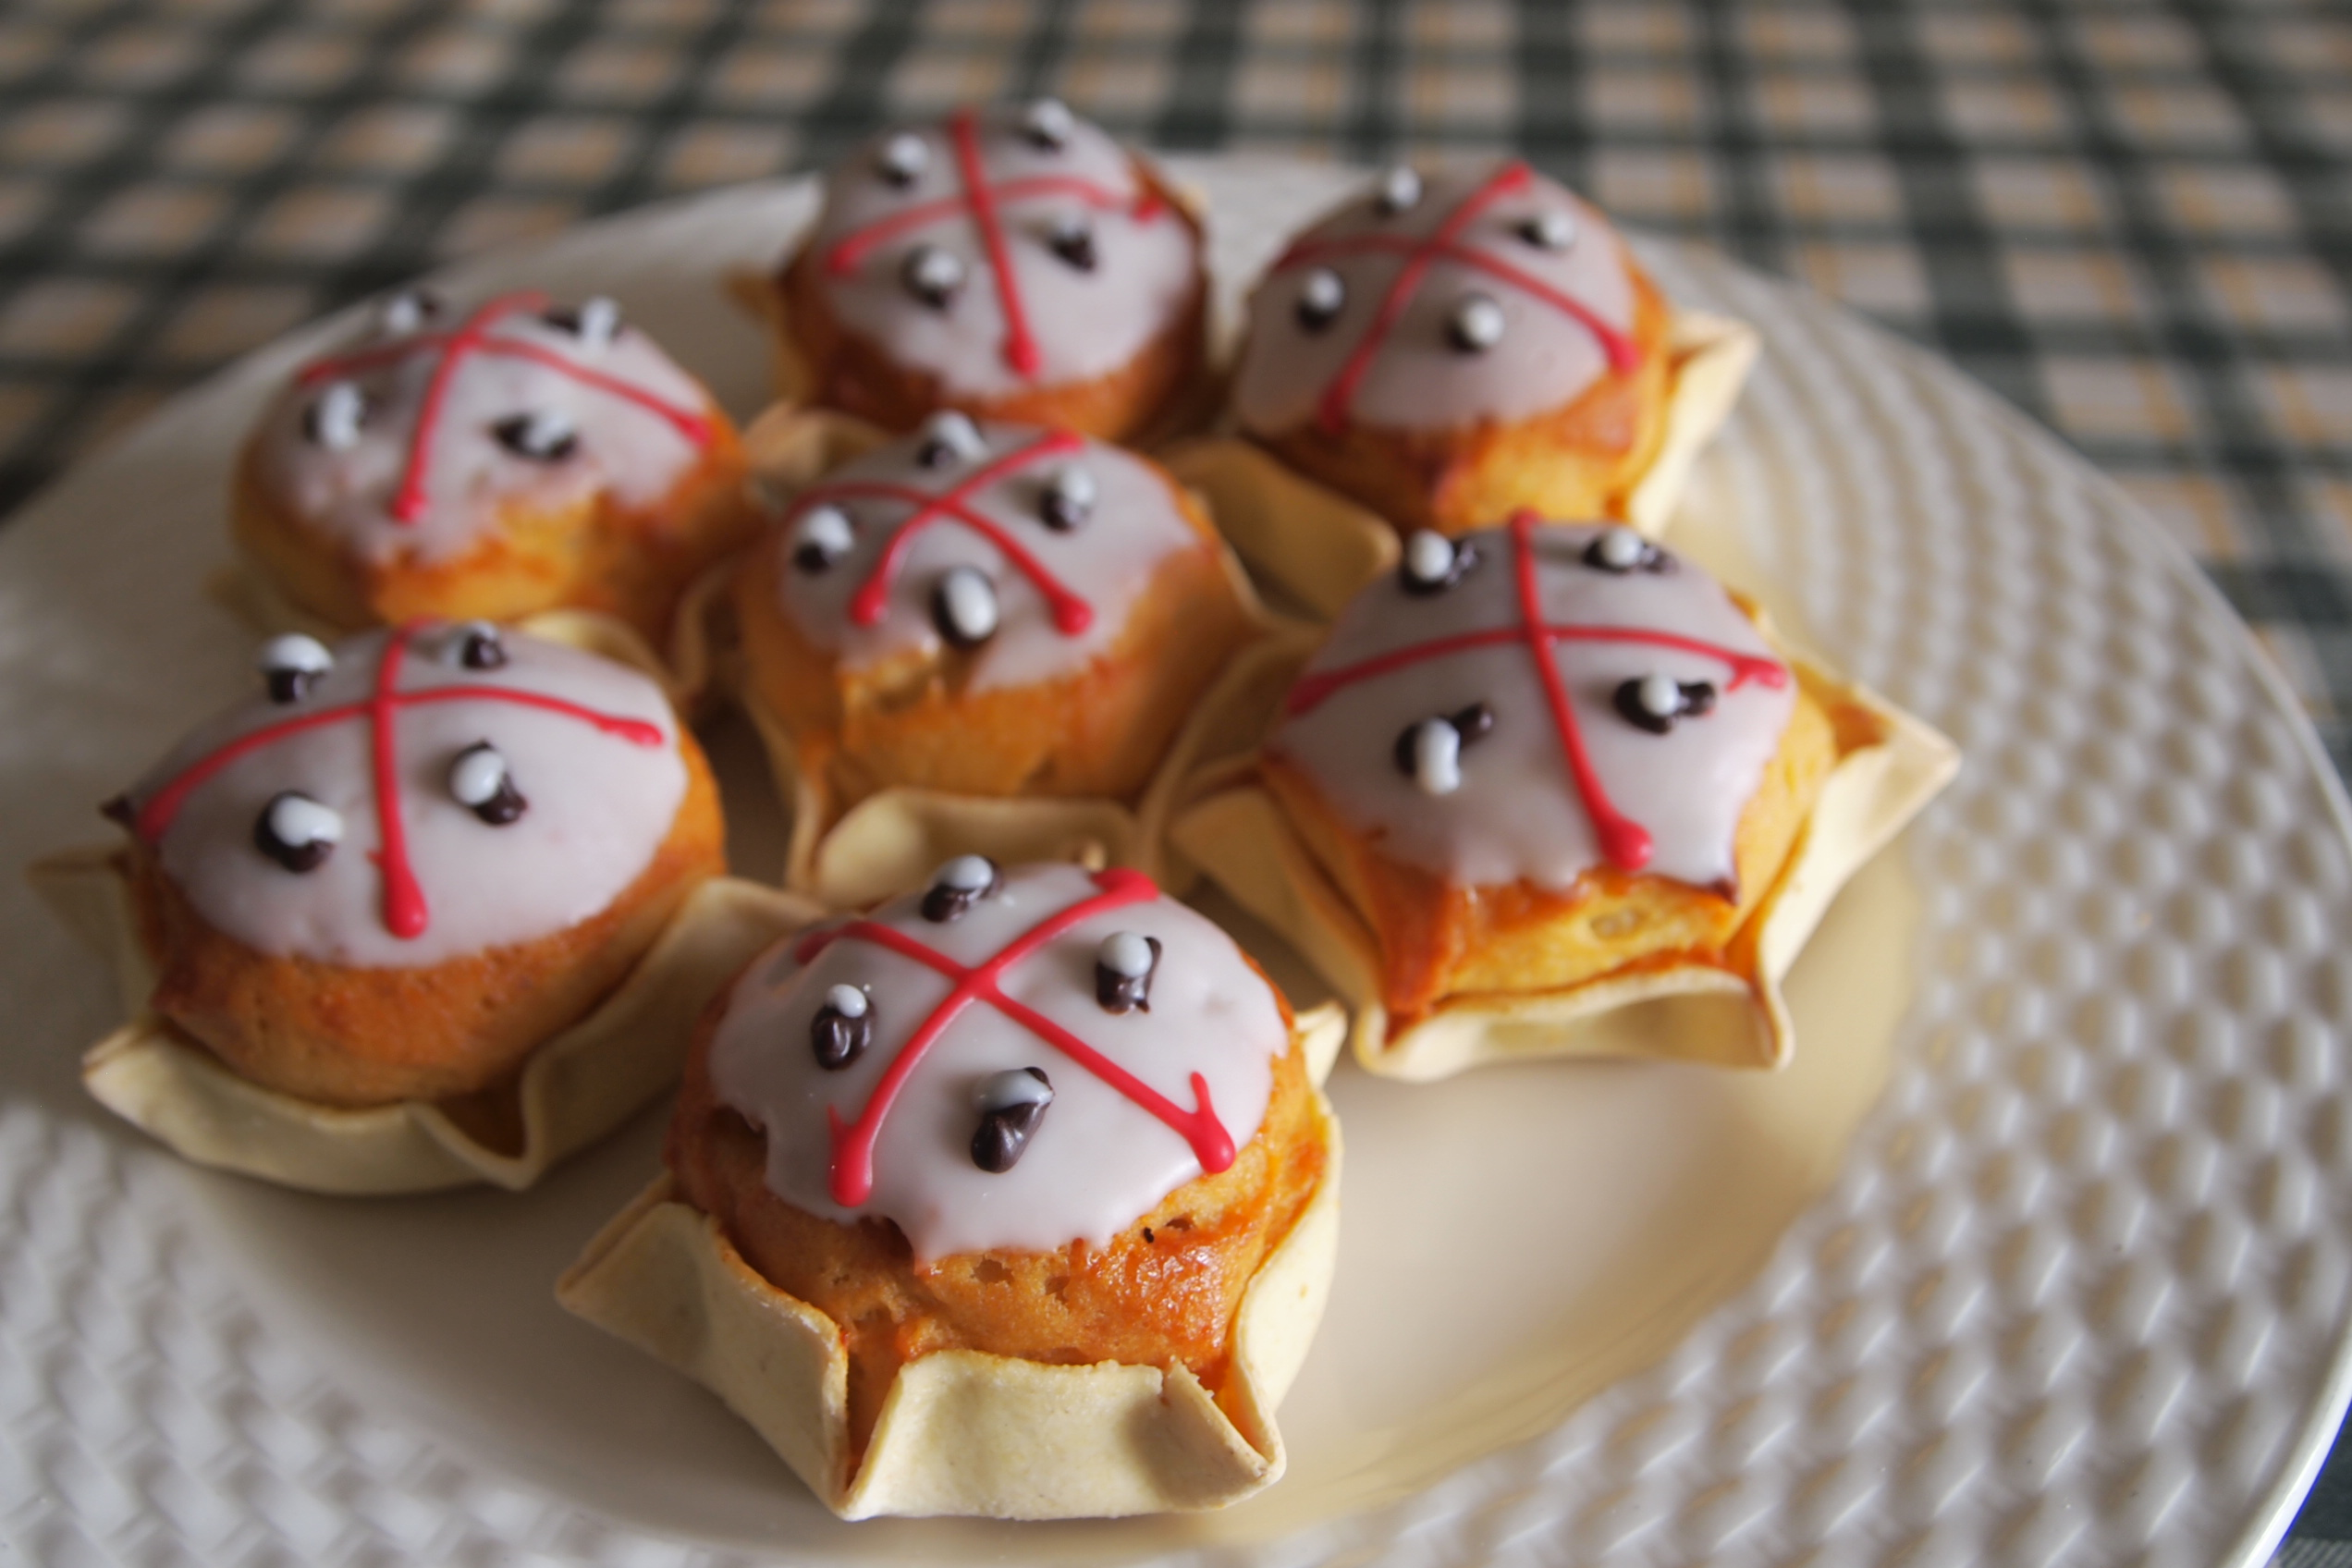 pattio bianco su cui sono appoggiati dei dolci ricoperti da una cappa bianca le pardulas